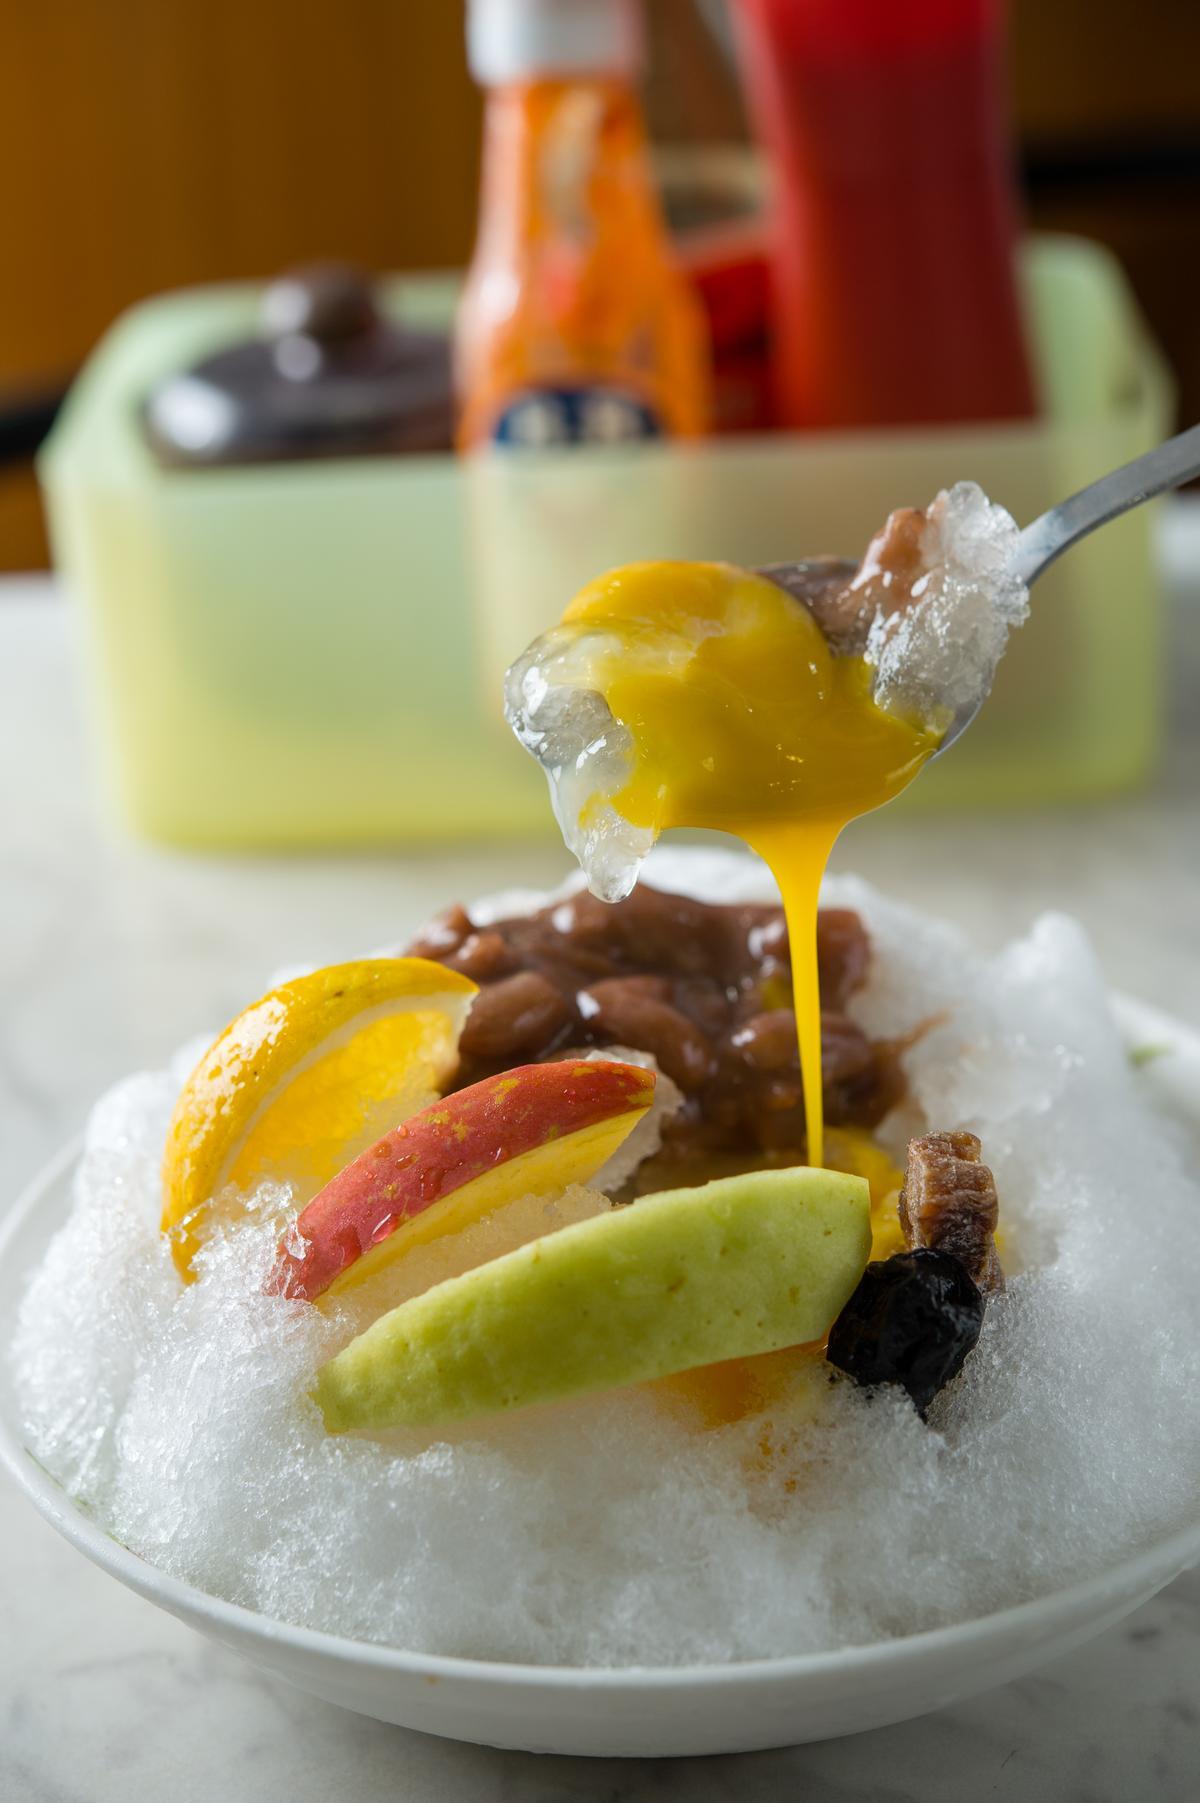 這一盤「花豆雞蛋刨冰」是創店43年來的功臣「老冰」,蜜餞、水果及濃稠花豆醬再加一顆生蛋黃,黃金組合譜出酸鹹鮮甜的滋味,在60 ~70年代常見經典款剉冰。(65元/份)